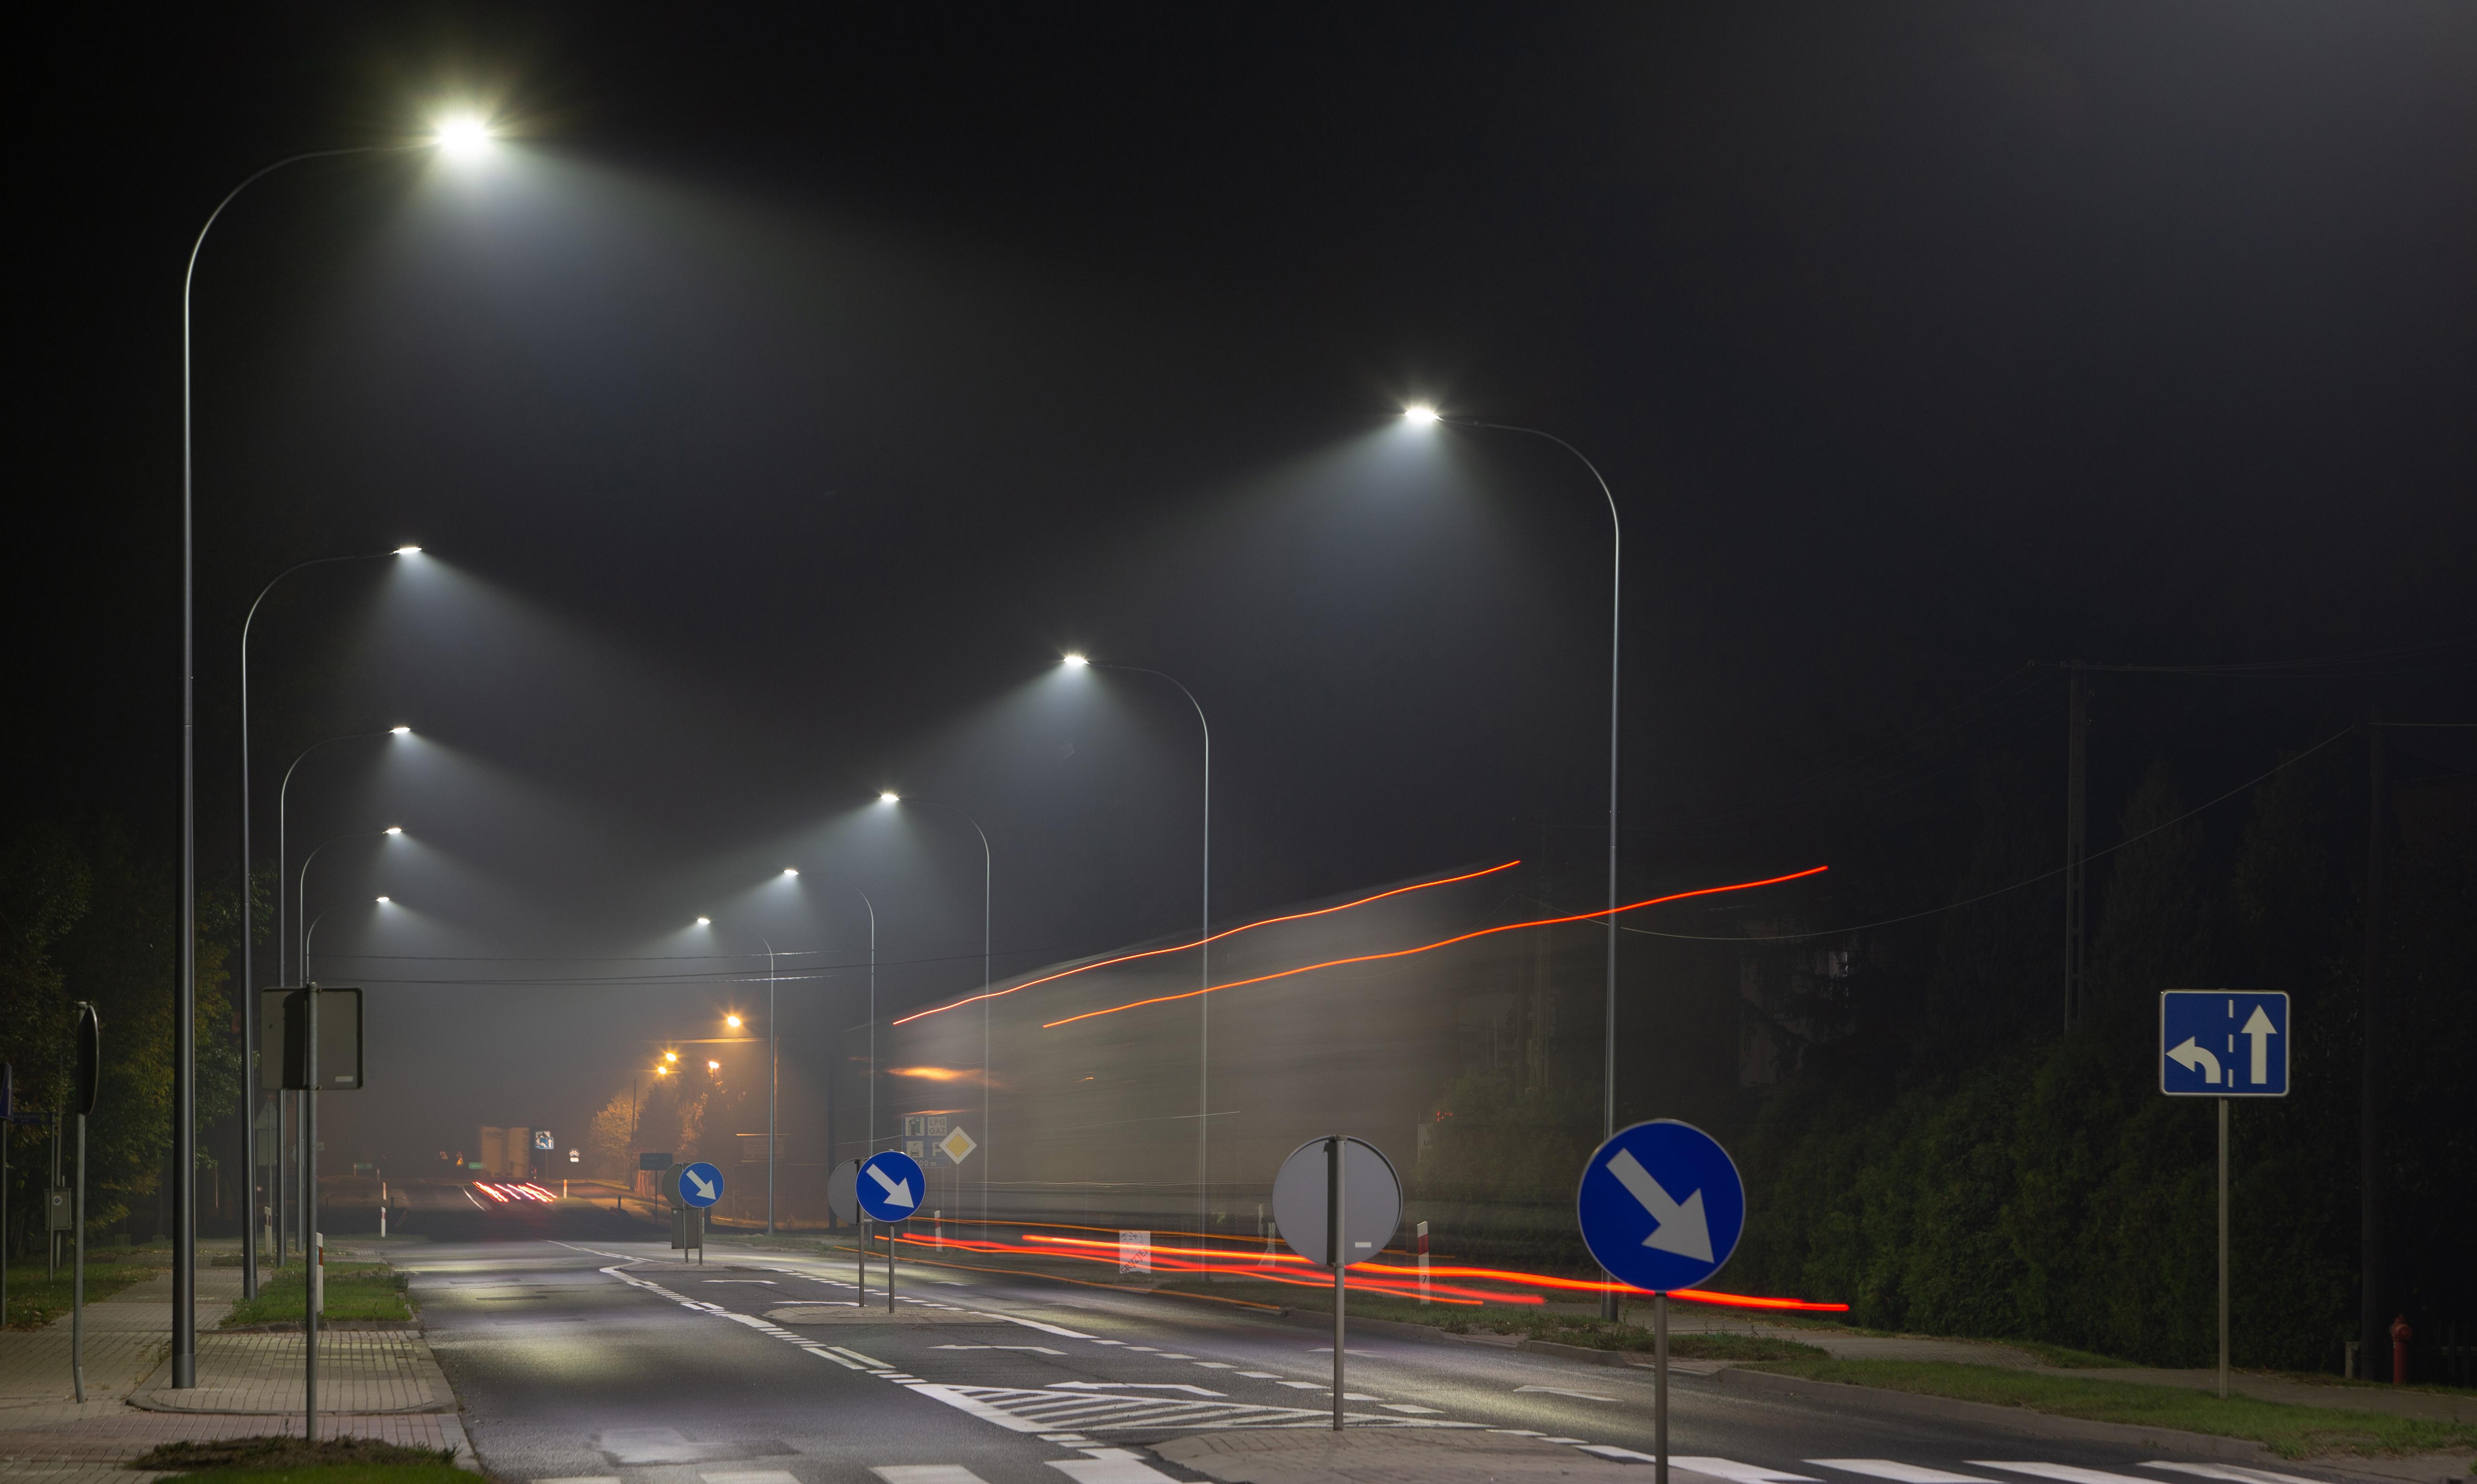 Rozstrzygnięte Przetargi Na Oświetlenie Led W I Kwartale